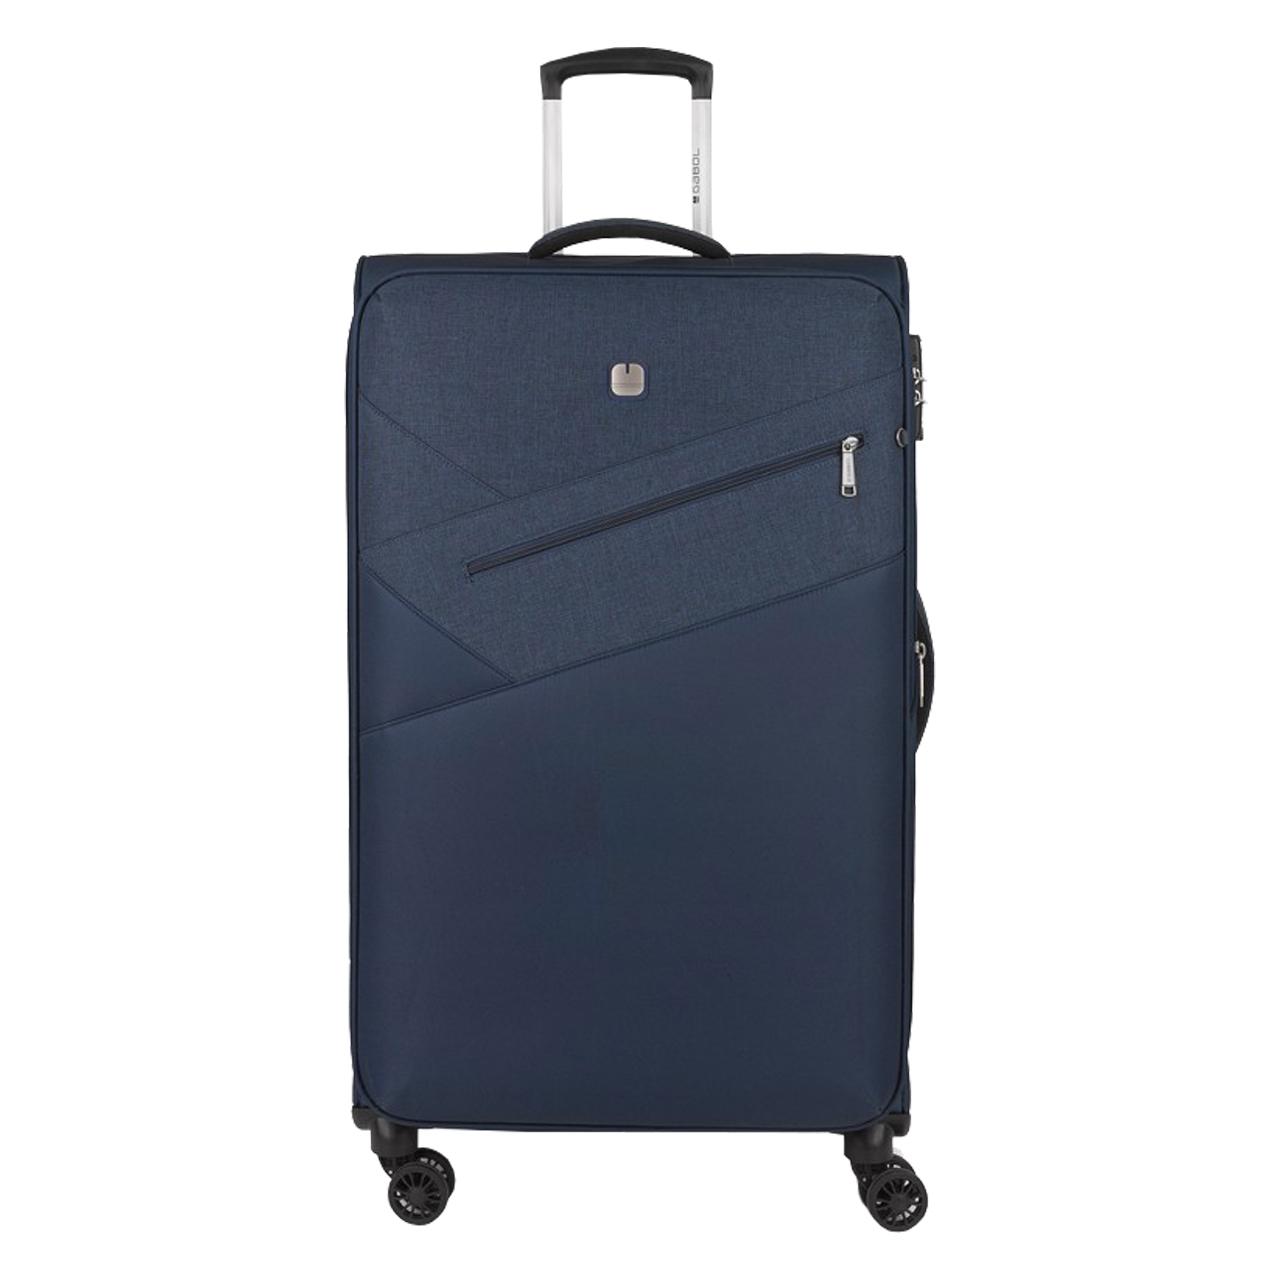 چمدان گابل مدل Mailer 120747 سایز بزرگ